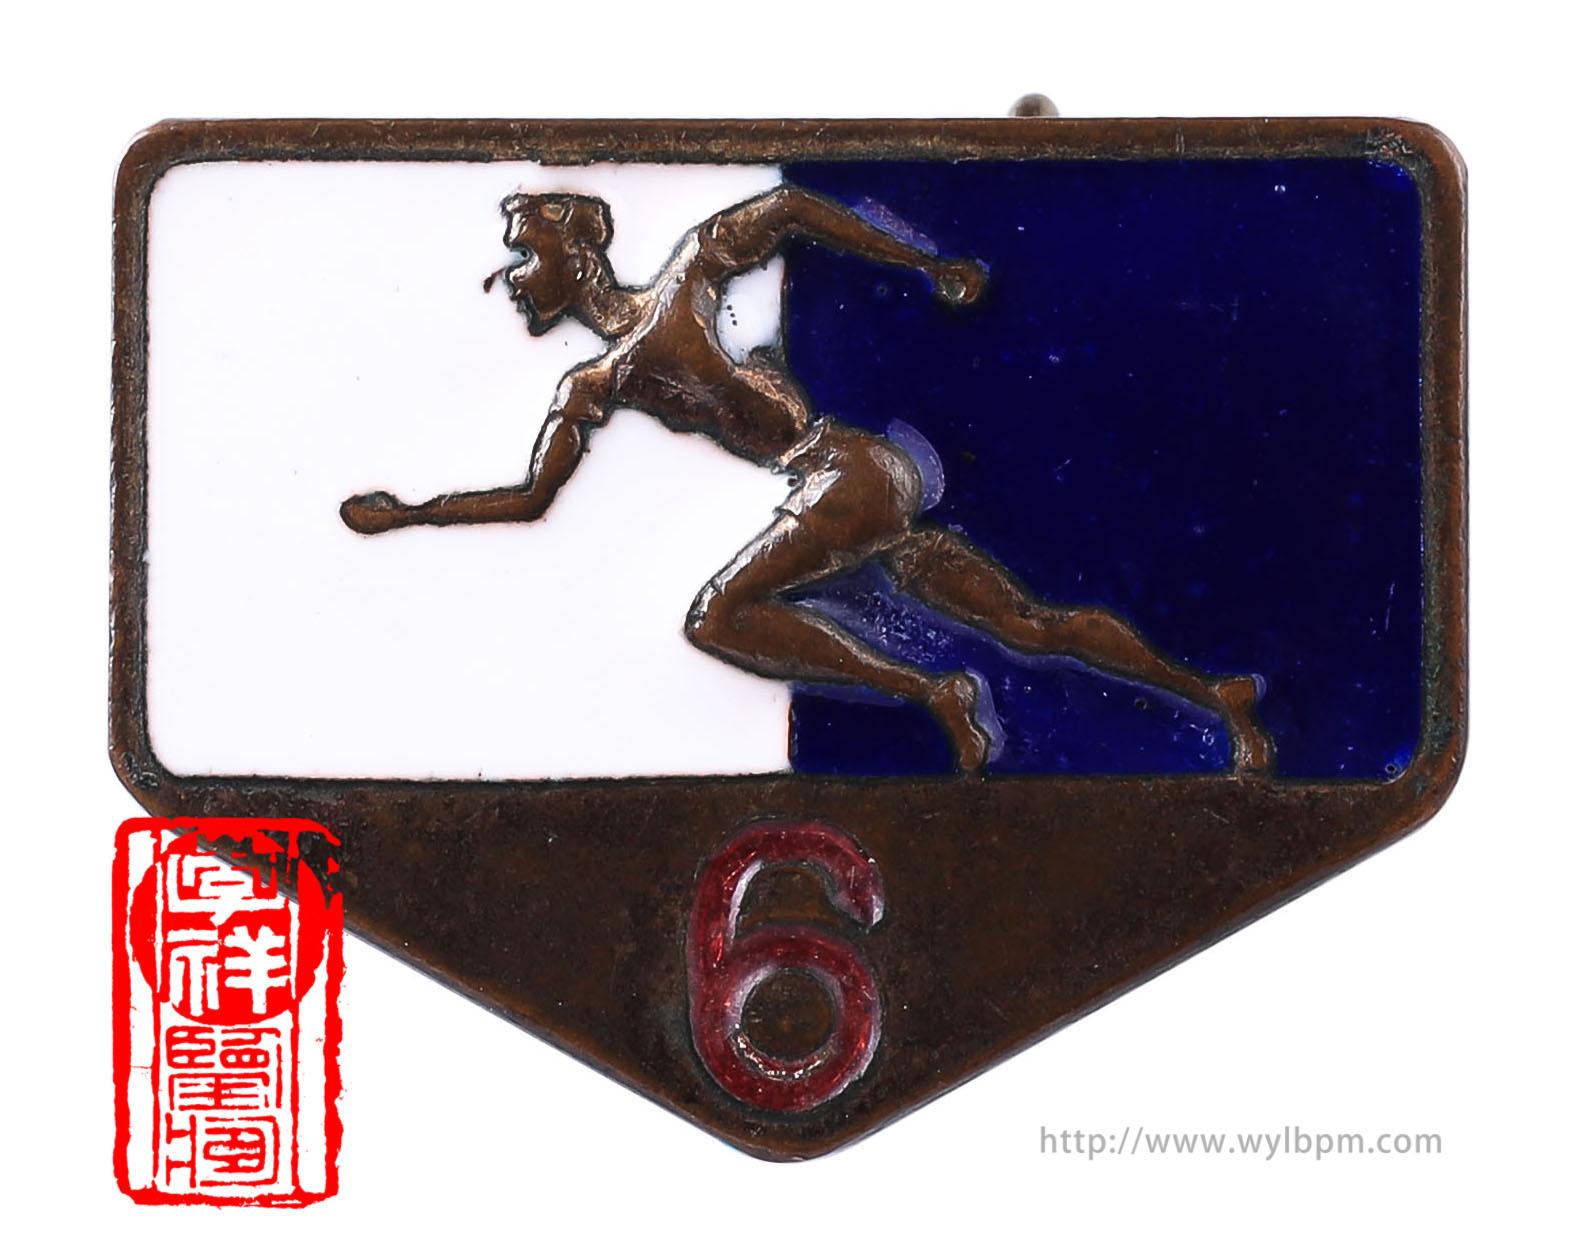 运动会奖牌,运动会奖杯,收藏李祥,体育收藏,奥运收藏,冰雪收藏,体育博物馆,奥运会火炬,奥运会奖牌,民国体育,古代体育,体育老照片,体育资料